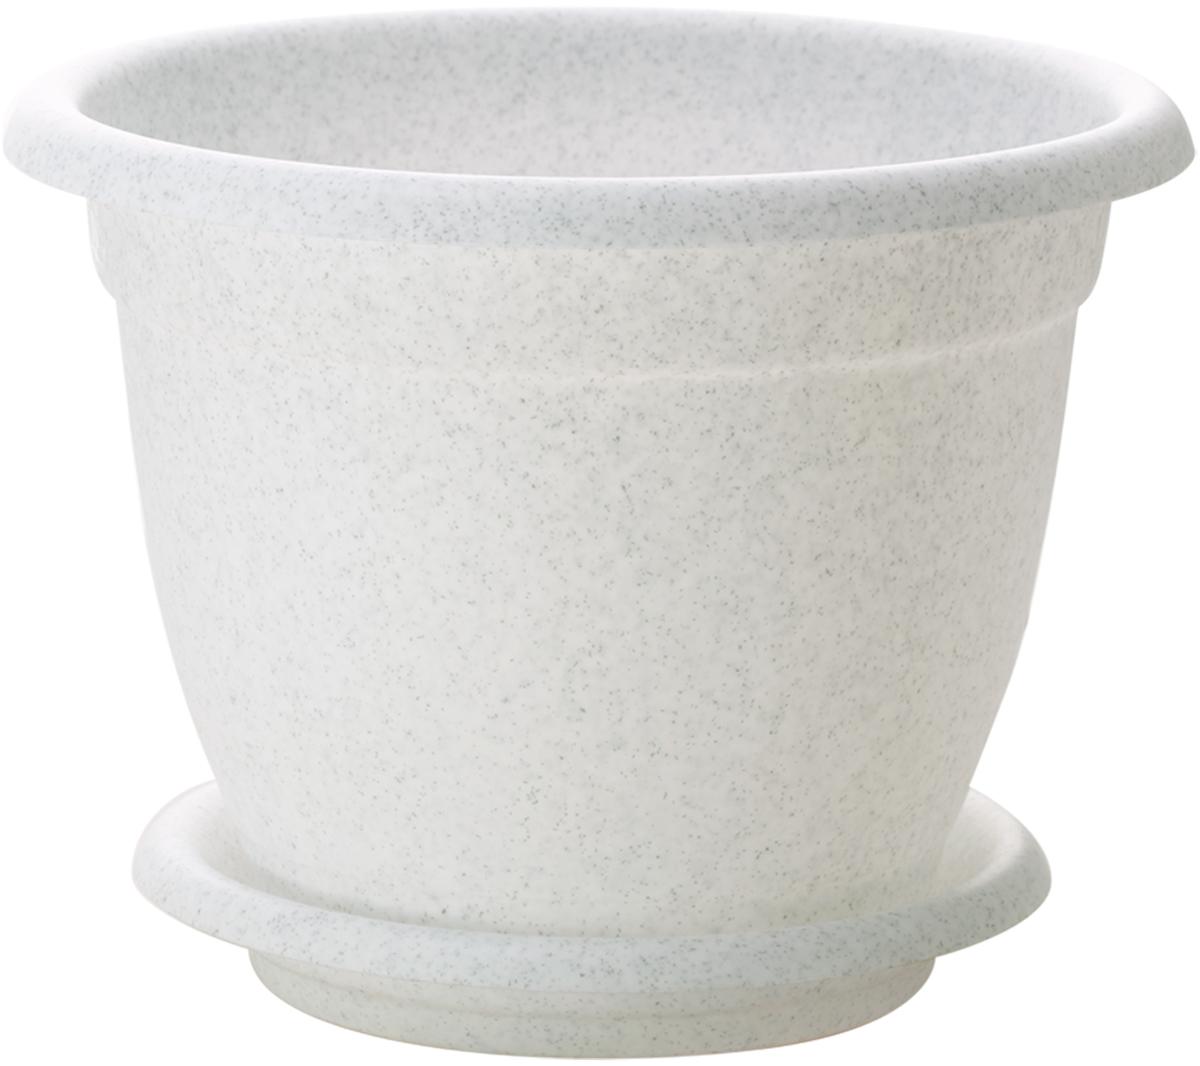 """Горшок InGreen """"Борнео"""" выполнен из высококачественного  полипропилена (пластика) и предназначен для выращивания  цветов, растений и трав. Снабжен поддоном для стока воды.    Такой горшок порадует вас функциональностью, а благодаря  лаконичному дизайну впишется в любой интерьер помещения.  Диаметр горшка (по верхнему краю): 19 см.  Высота горшка: 15,5 см.  Диаметр поддона: 15 см."""